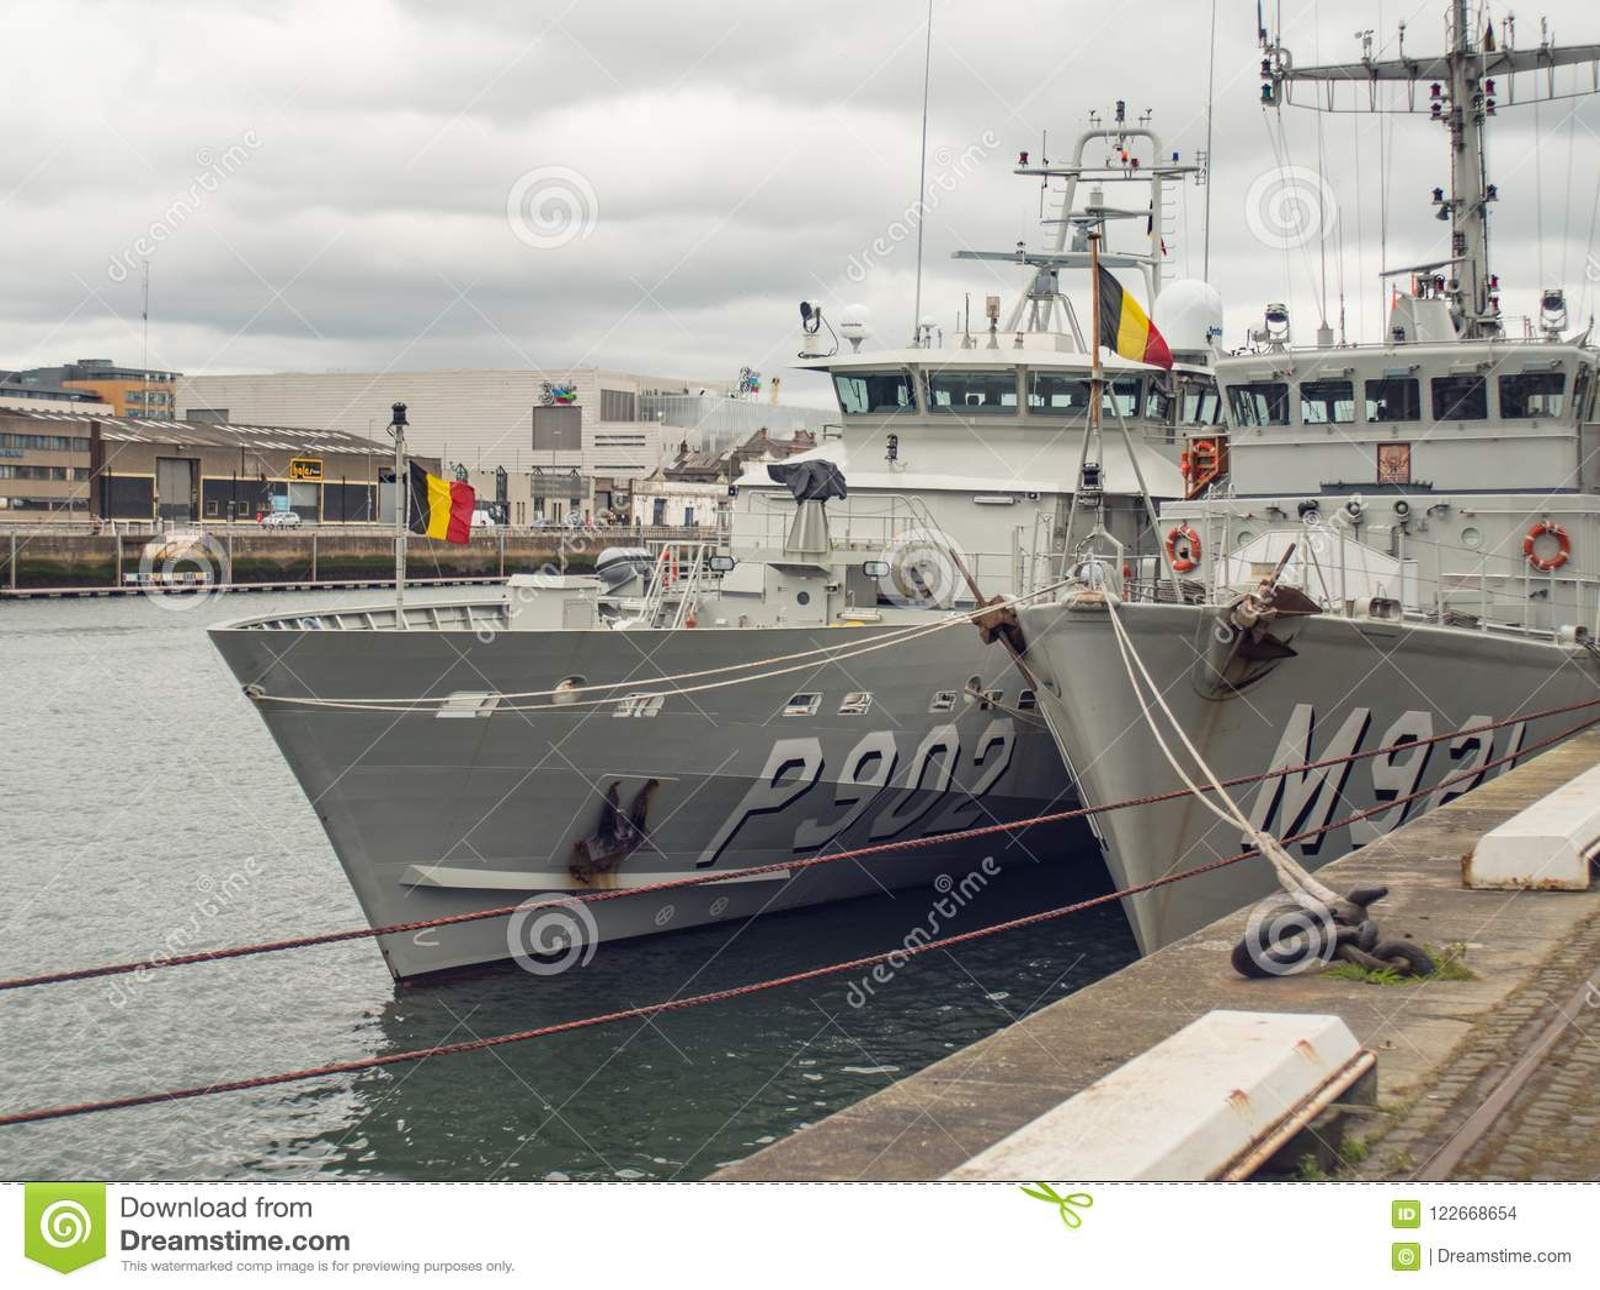 Las naves belgas de los militares de la marina de guerra atracaron en el río Liffey, Dublín, Irlanda